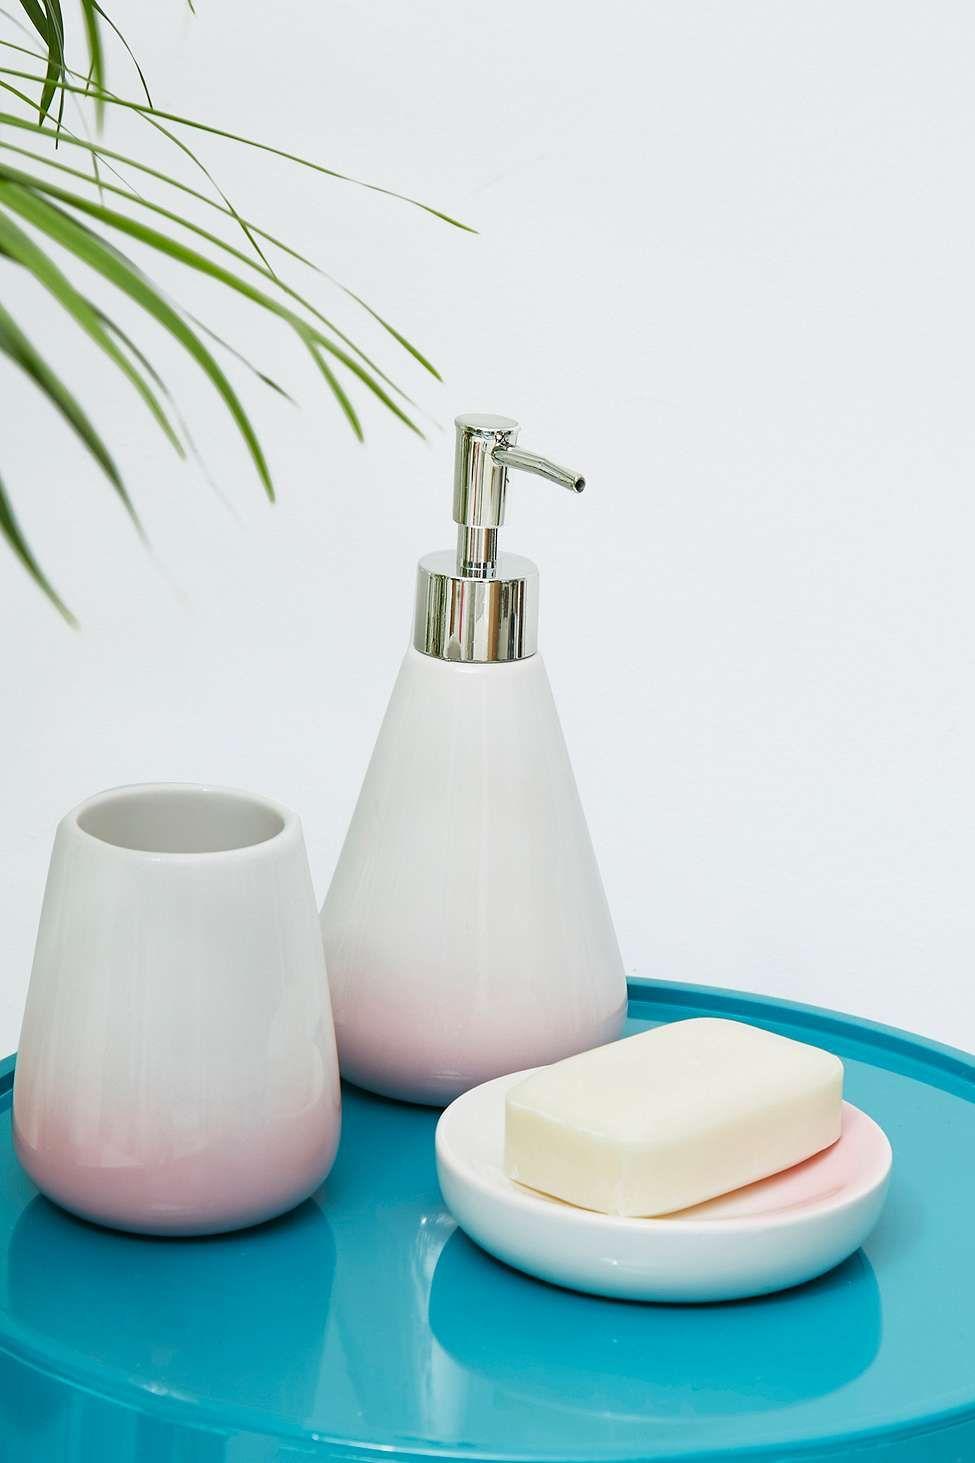 Ombre Bath Accessories Set | New House Ideas | Pinterest | Bath ...